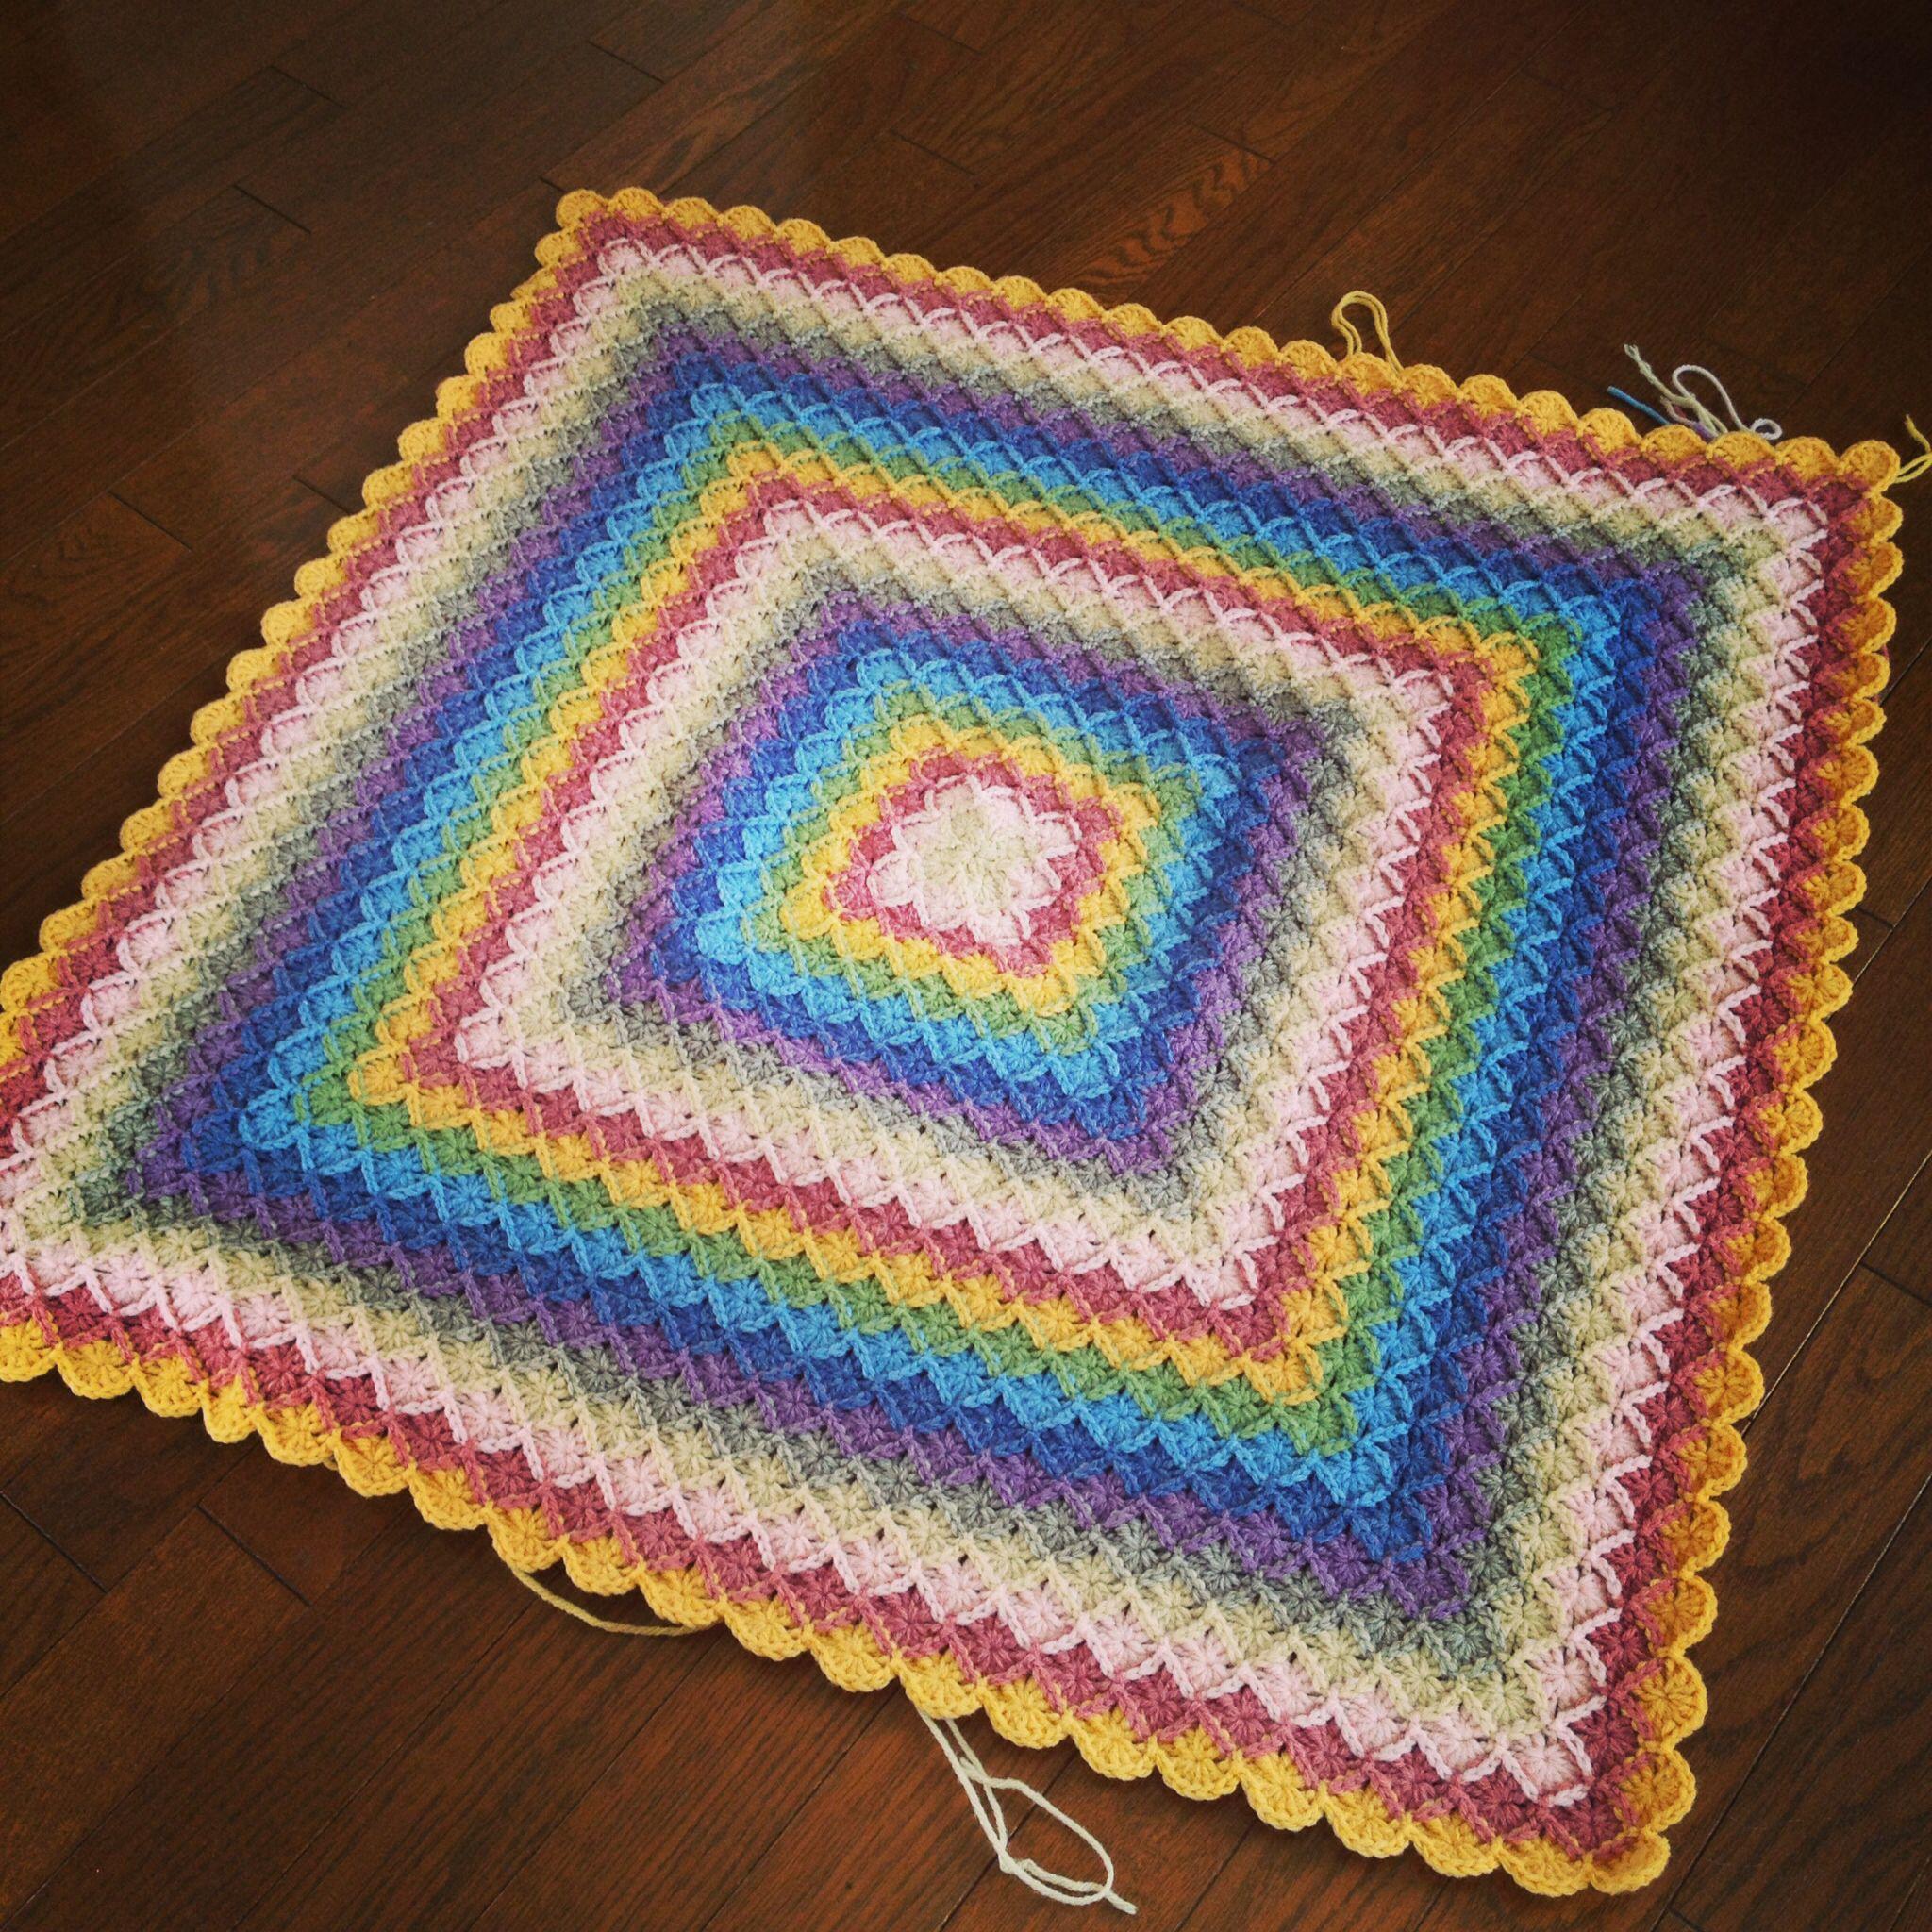 Bavarian crochet blanket | 編み物 | Pinterest | Bavarian crochet ...